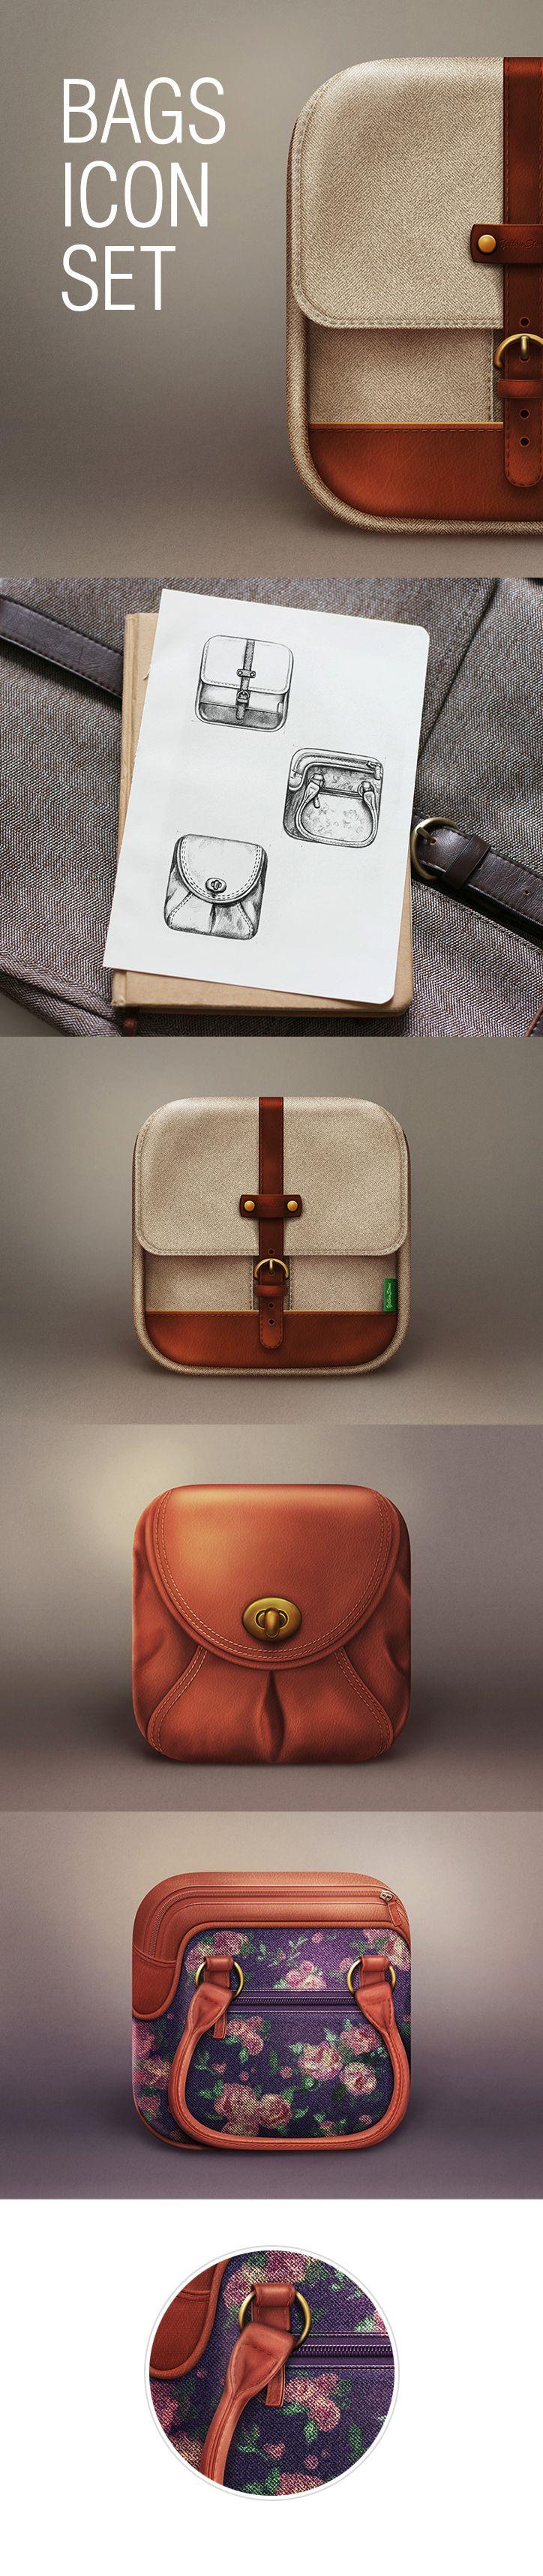 Bags icon set